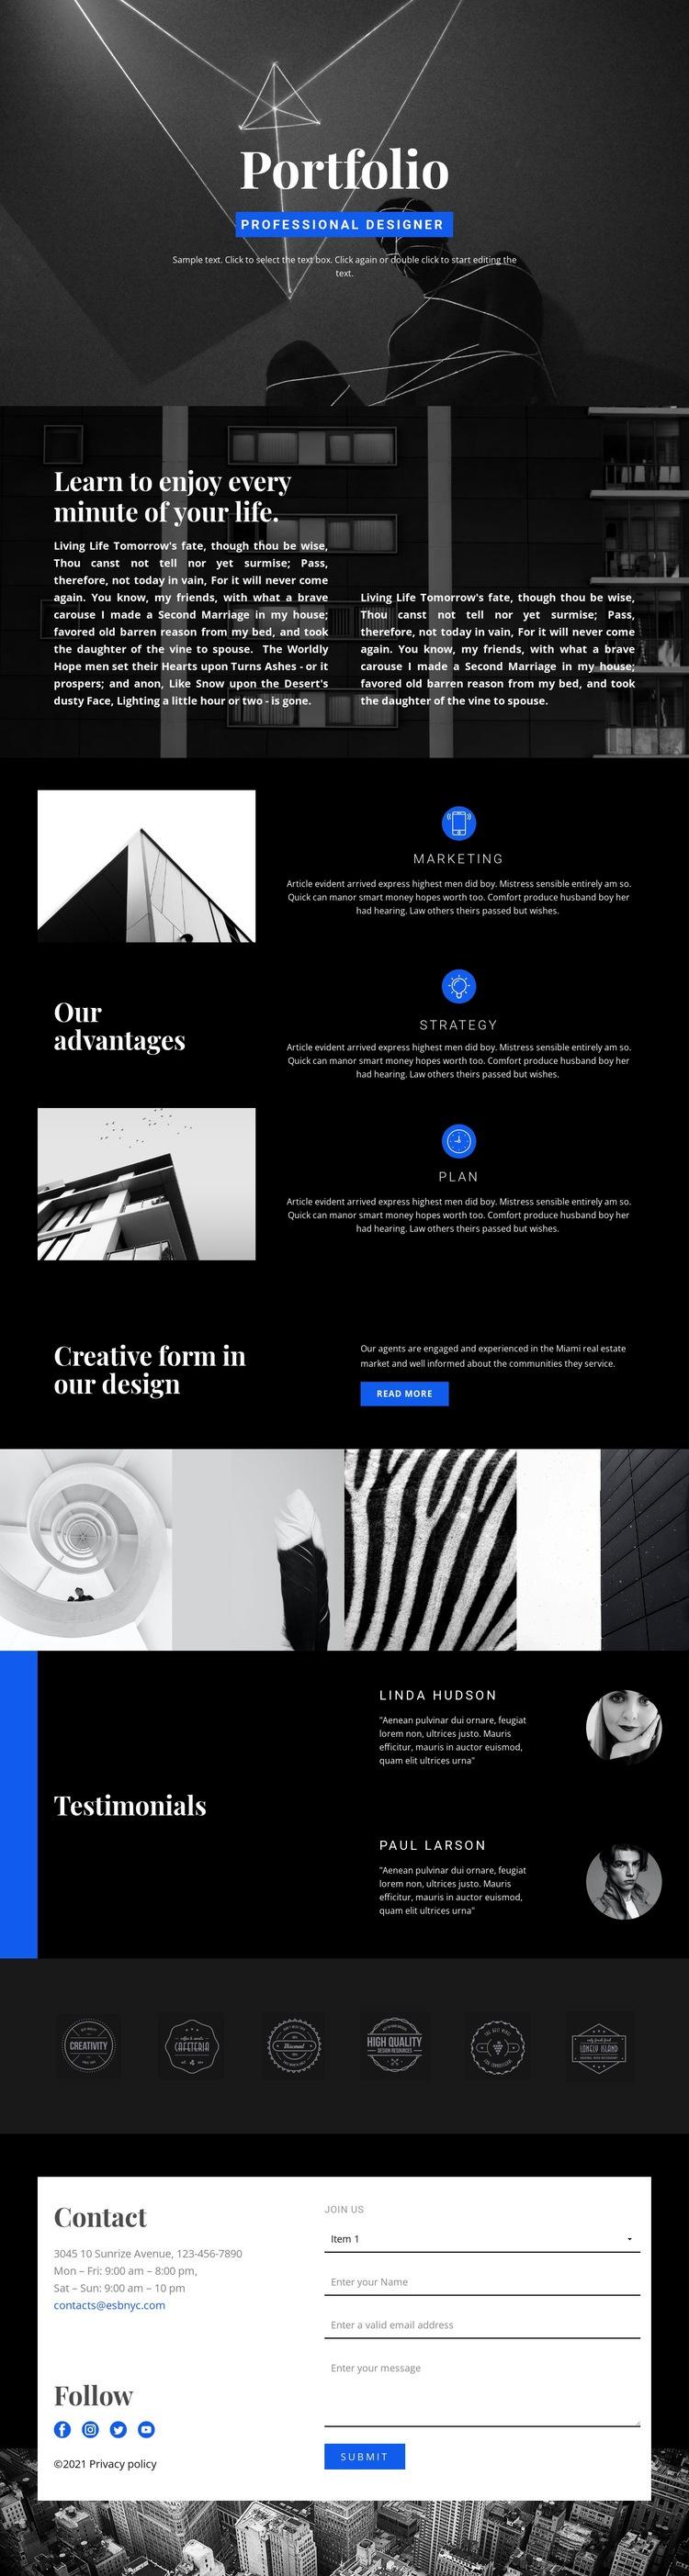 Fashion Designer Portfolio Web Page Design